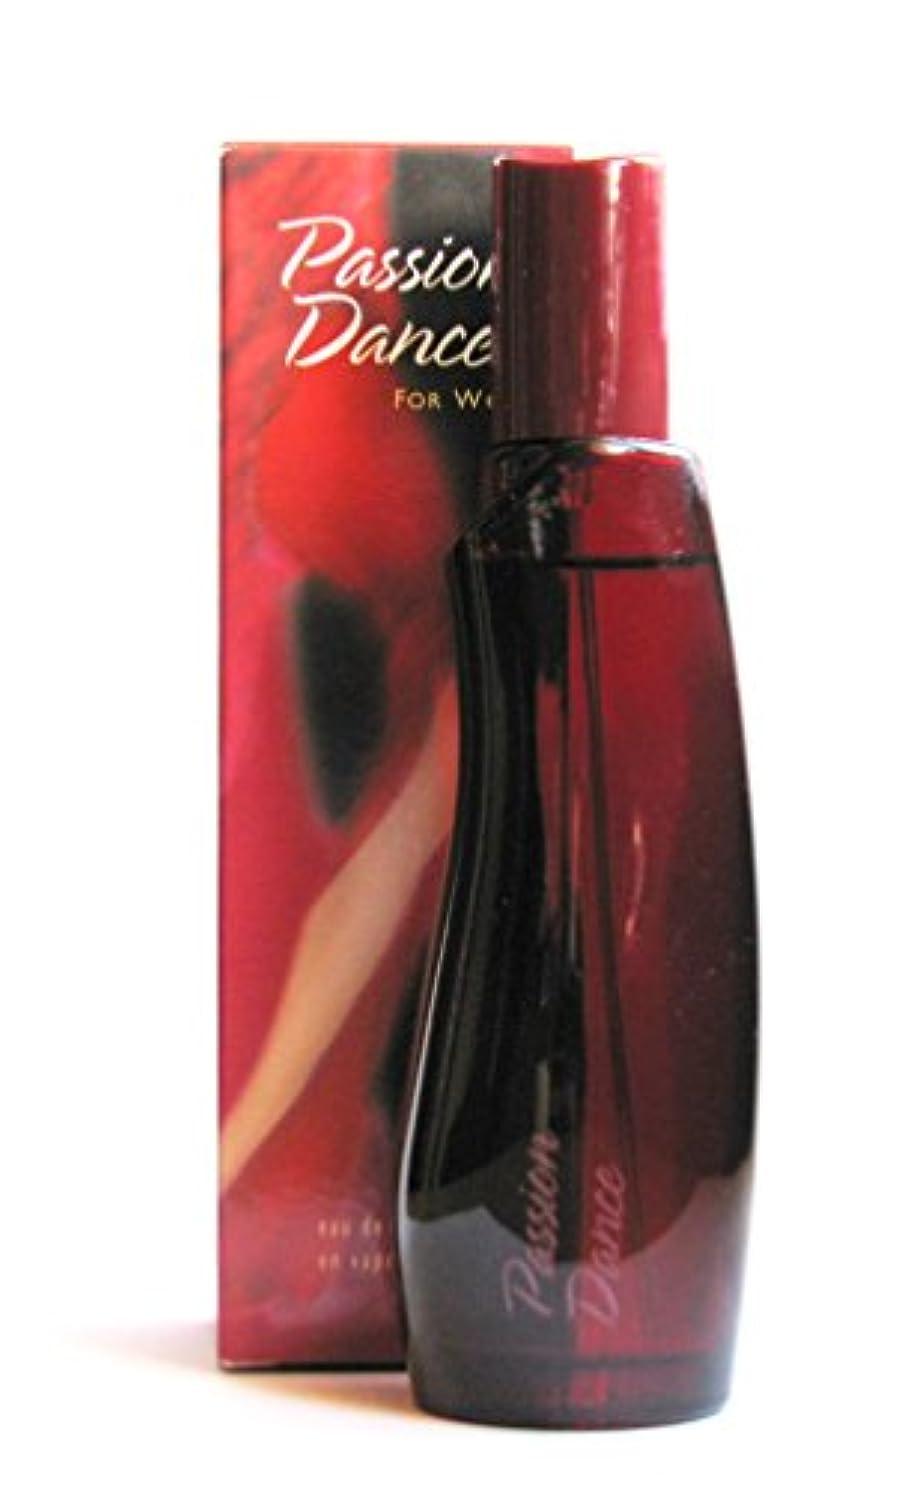 経営者信頼性のある知覚するAVON Passion Dance For Her Eau de Toilette 50ml